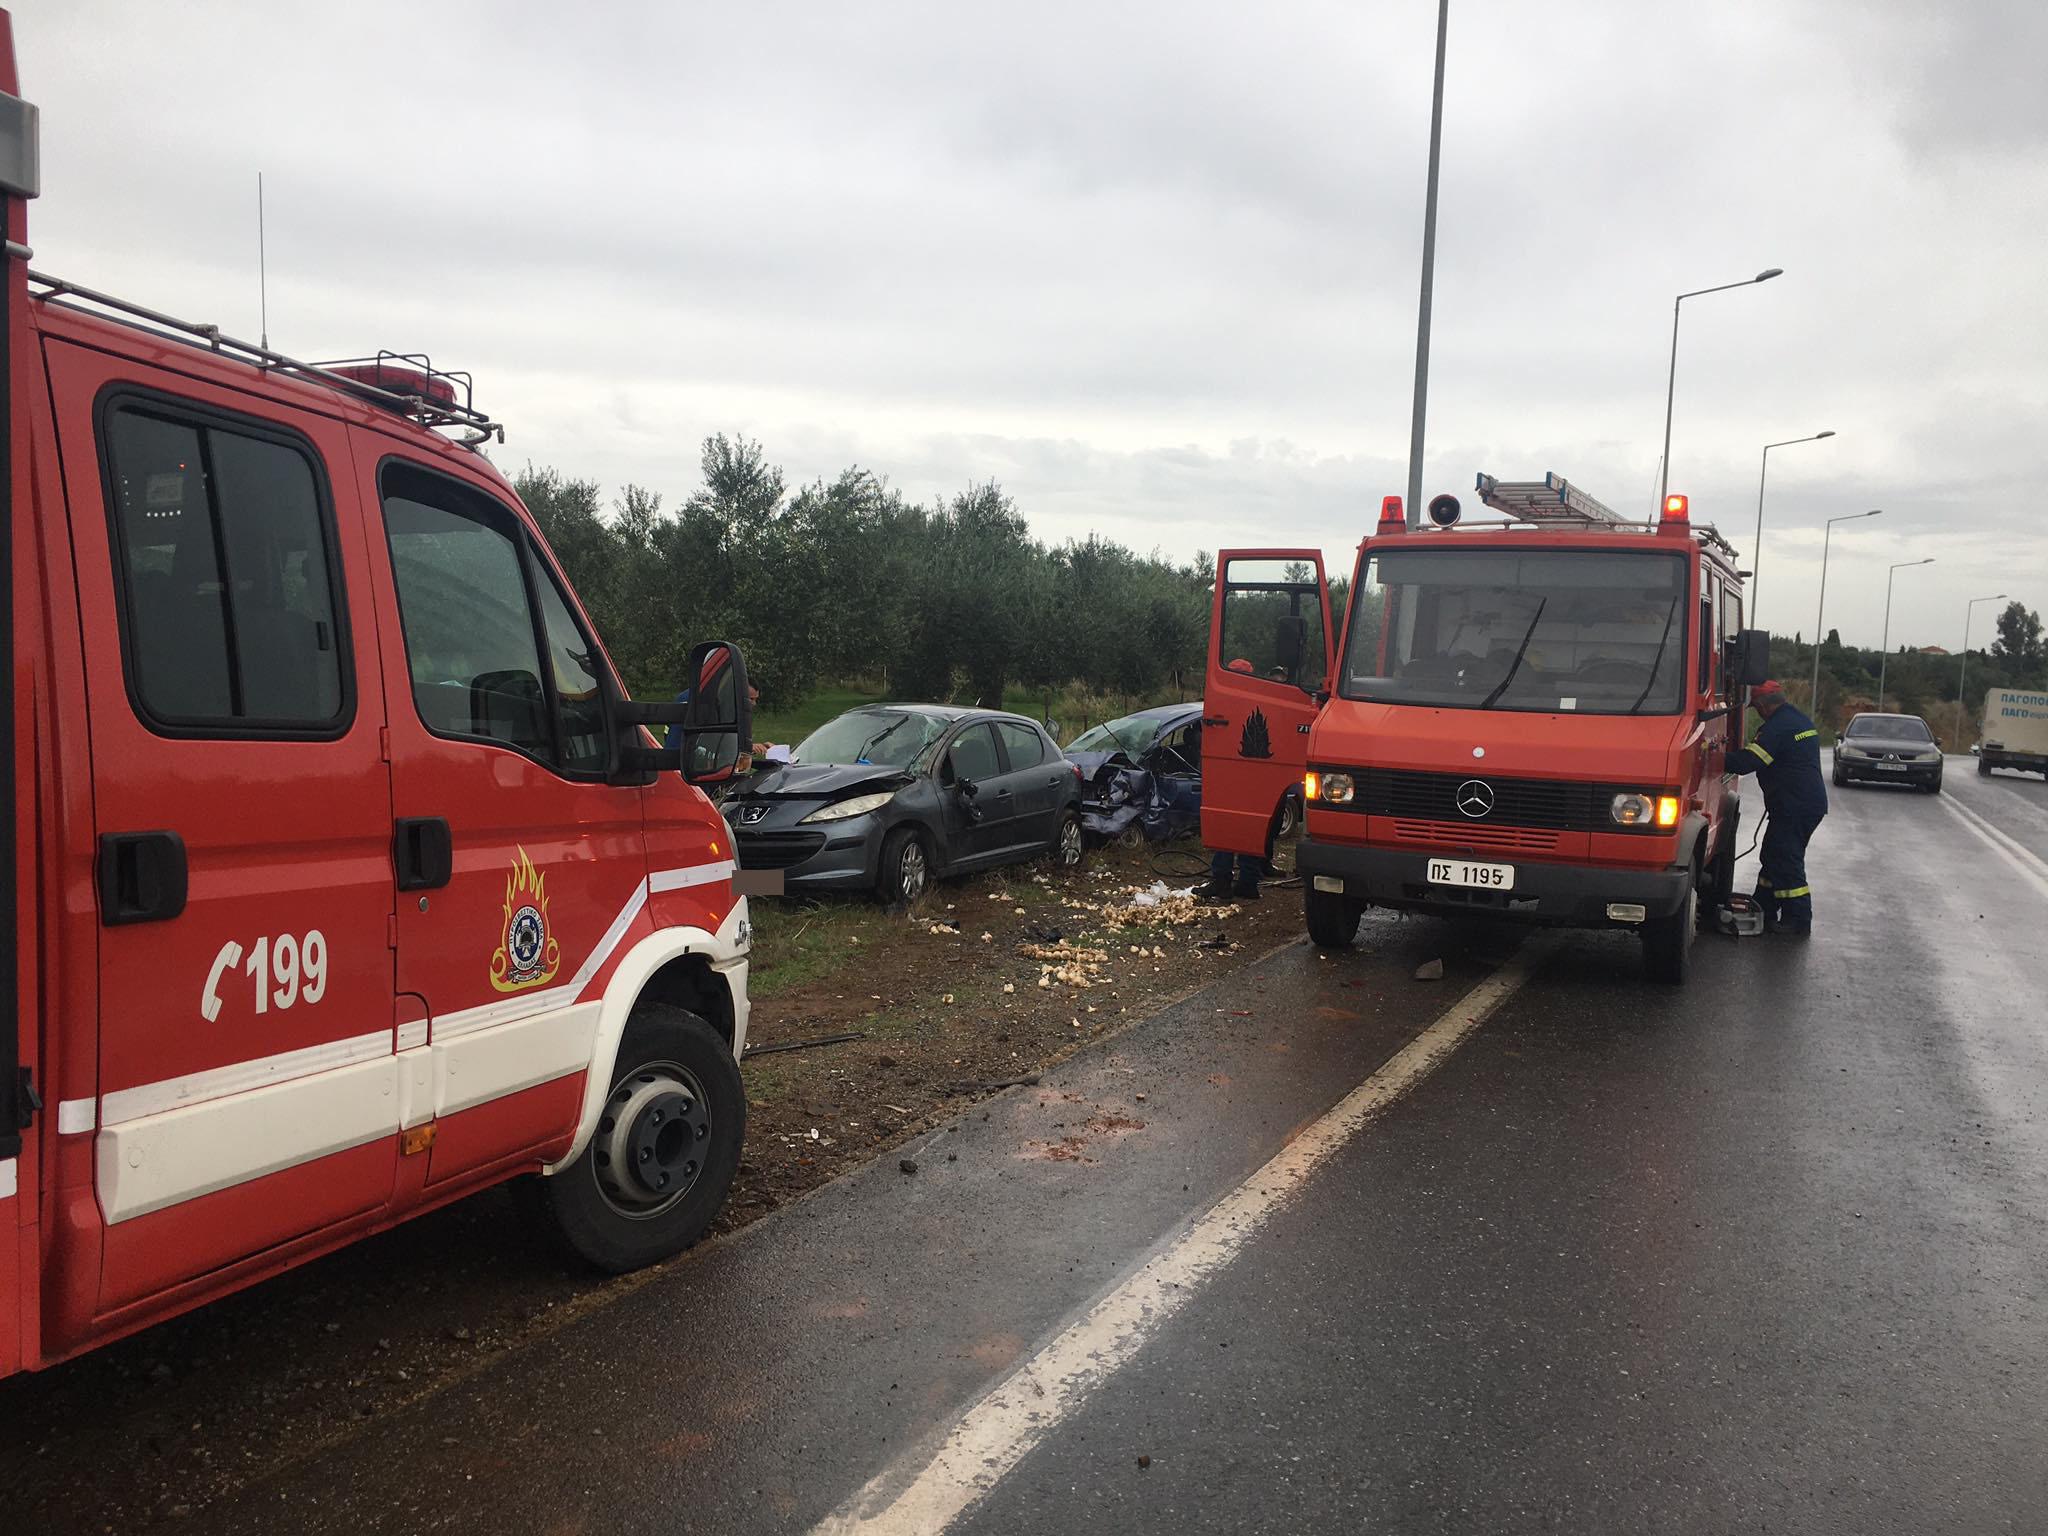 Δύο τραυματίες από μετωπική σύγκρουση στο δρόμο Κυπαρισσίας - Φιλιατρών